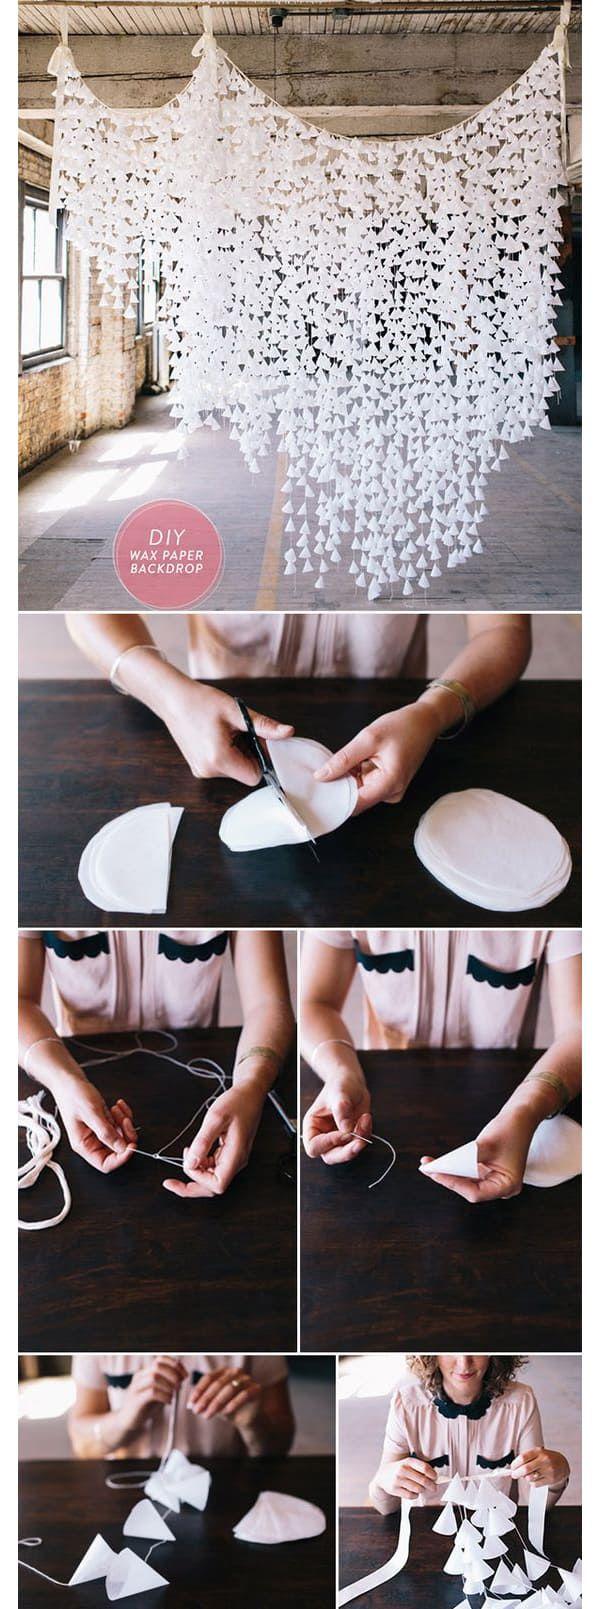 Cowgirl - Wedding DIY